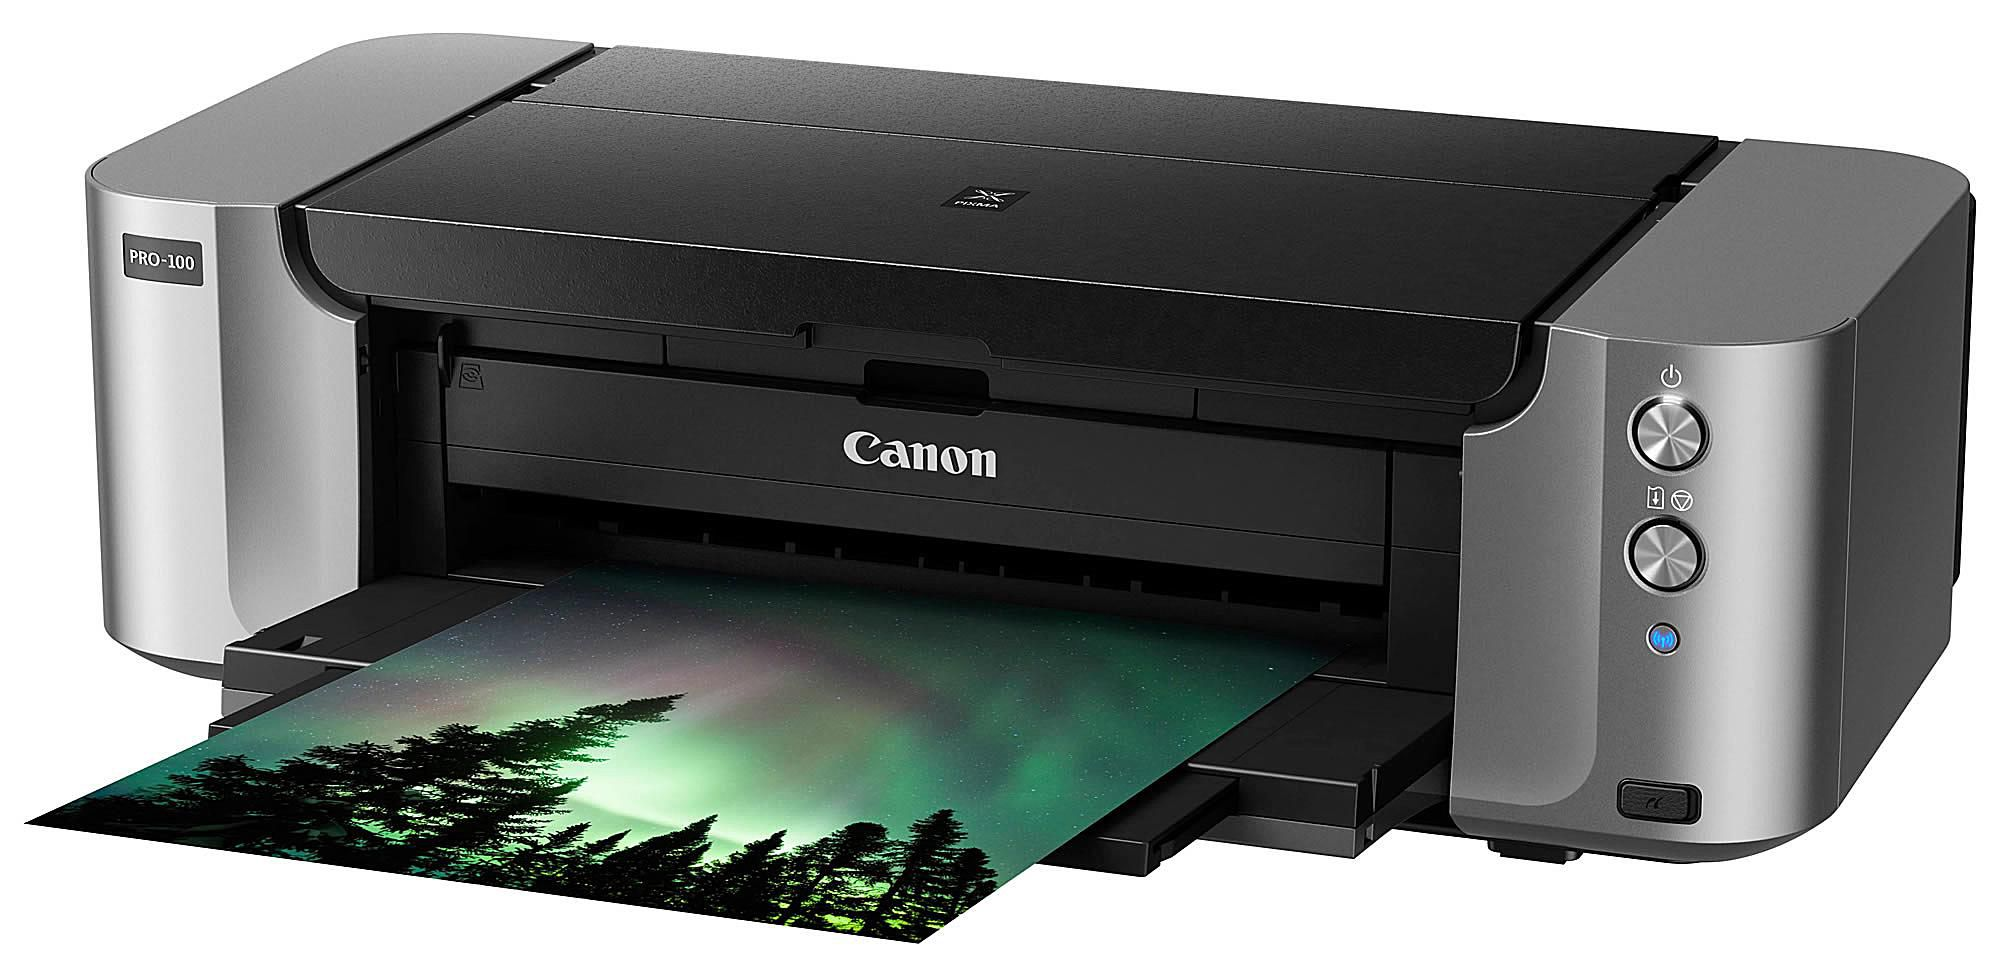 best canon pixma printer reviews